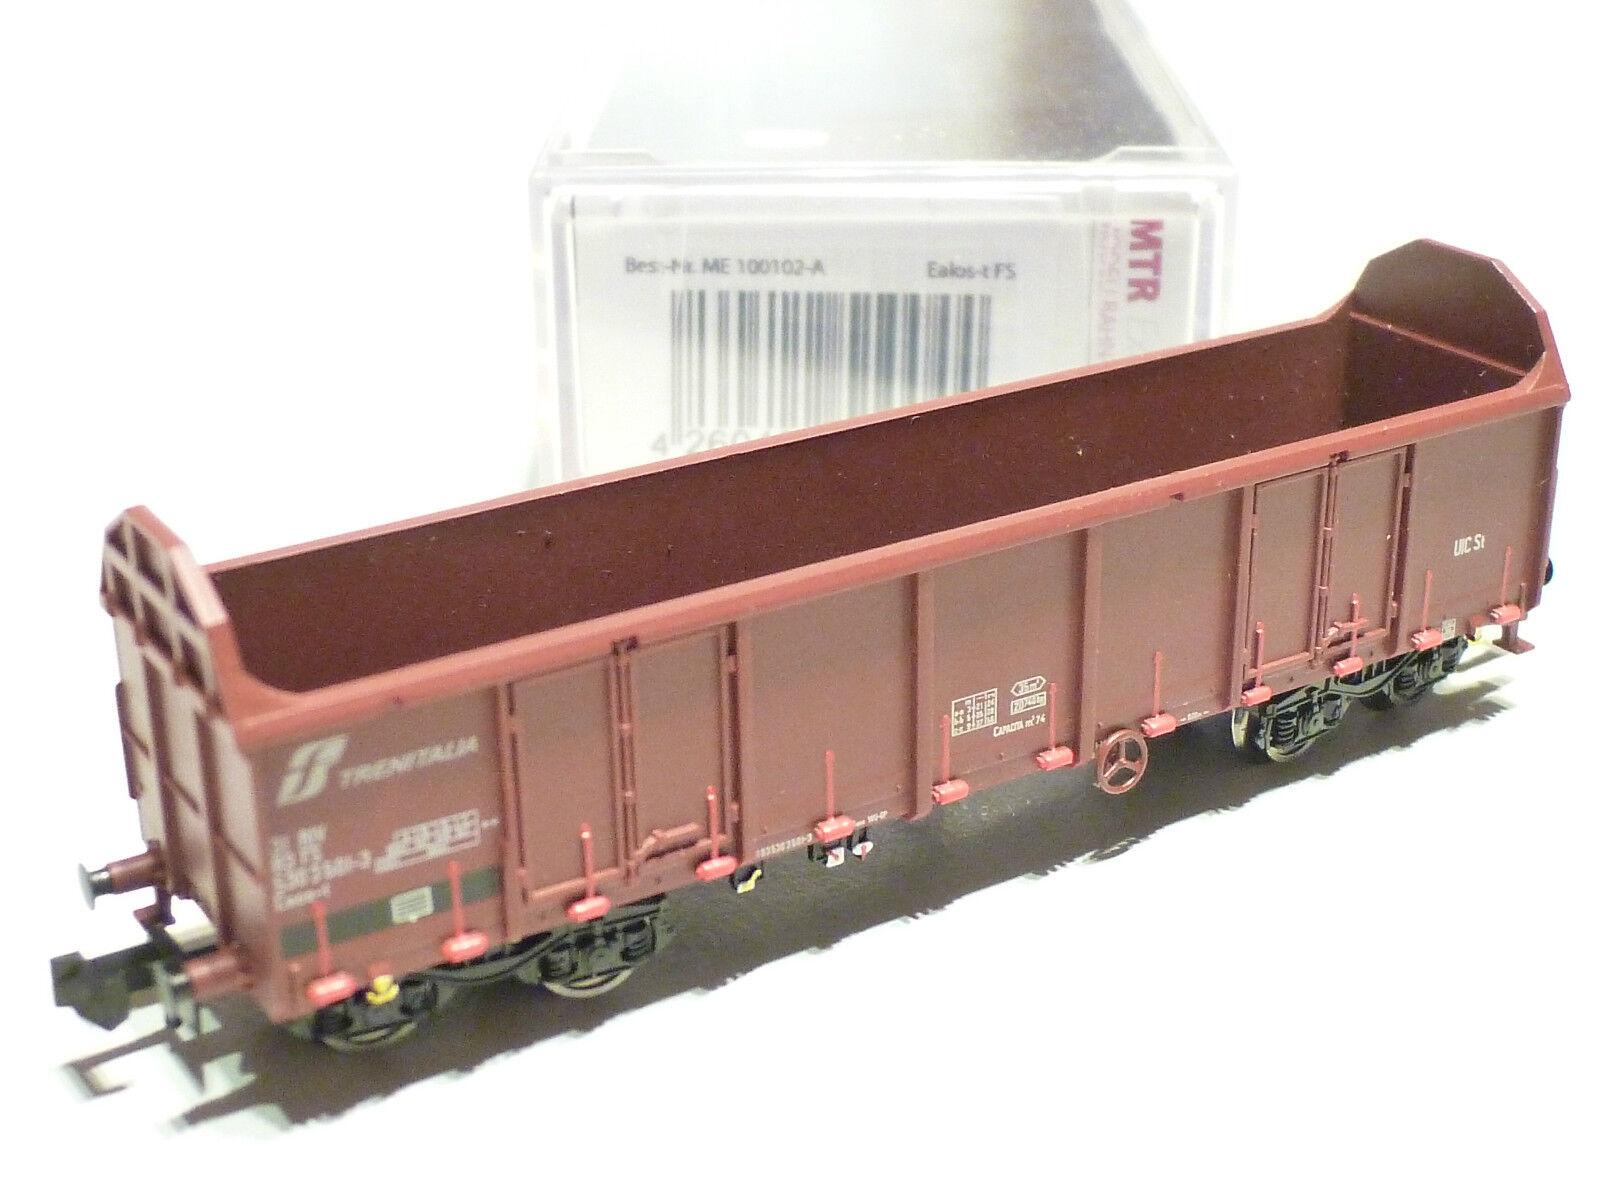 Mtr N FS Wood Trolley Type ealos-T Brown ME100102-A NEW OVP